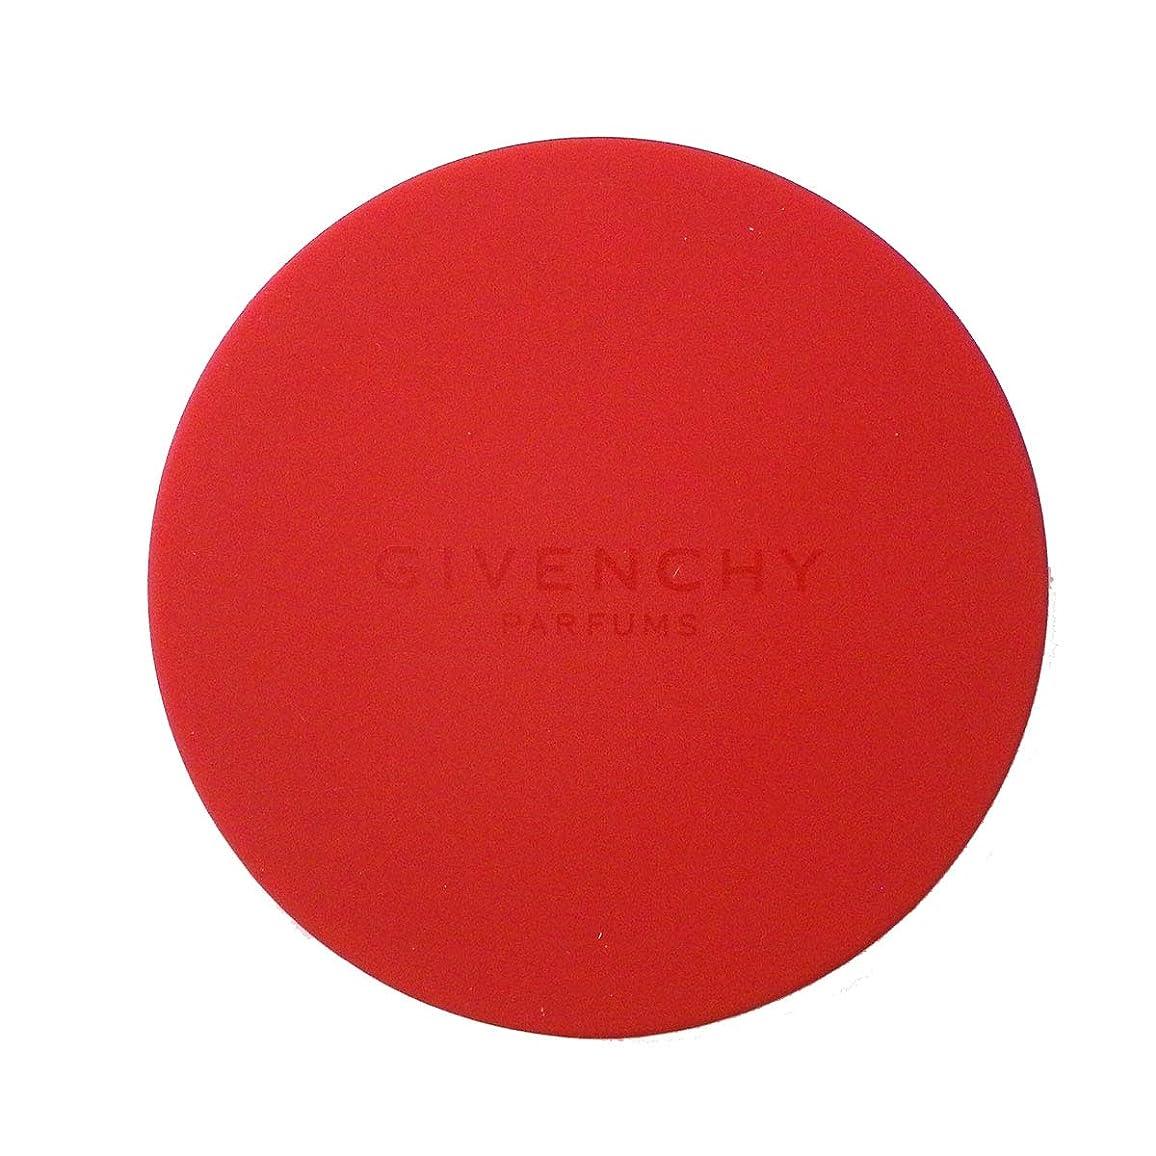 高尚なベーリング海峡悲観的(ジバンシー) GIVENCHY スライドミラー 鏡 赤 レッド ロゴ コンパクト ミニ 小さめ カバー ラバー 携帯用 化粧 メイク コスメ 海外限定